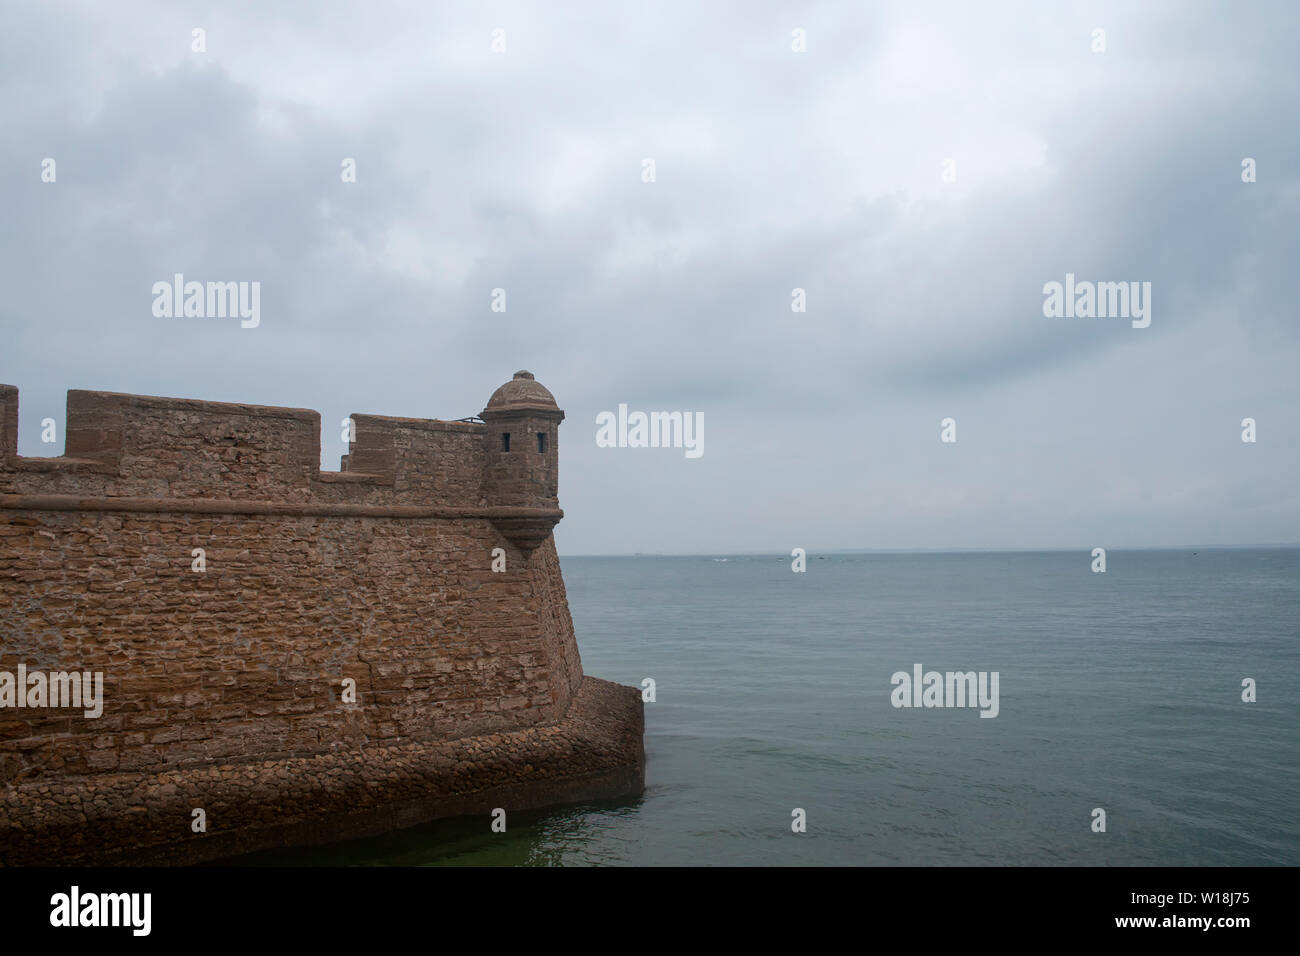 Mur du château de San Sebastian dans la province de Cadix, Espagne Banque D'Images